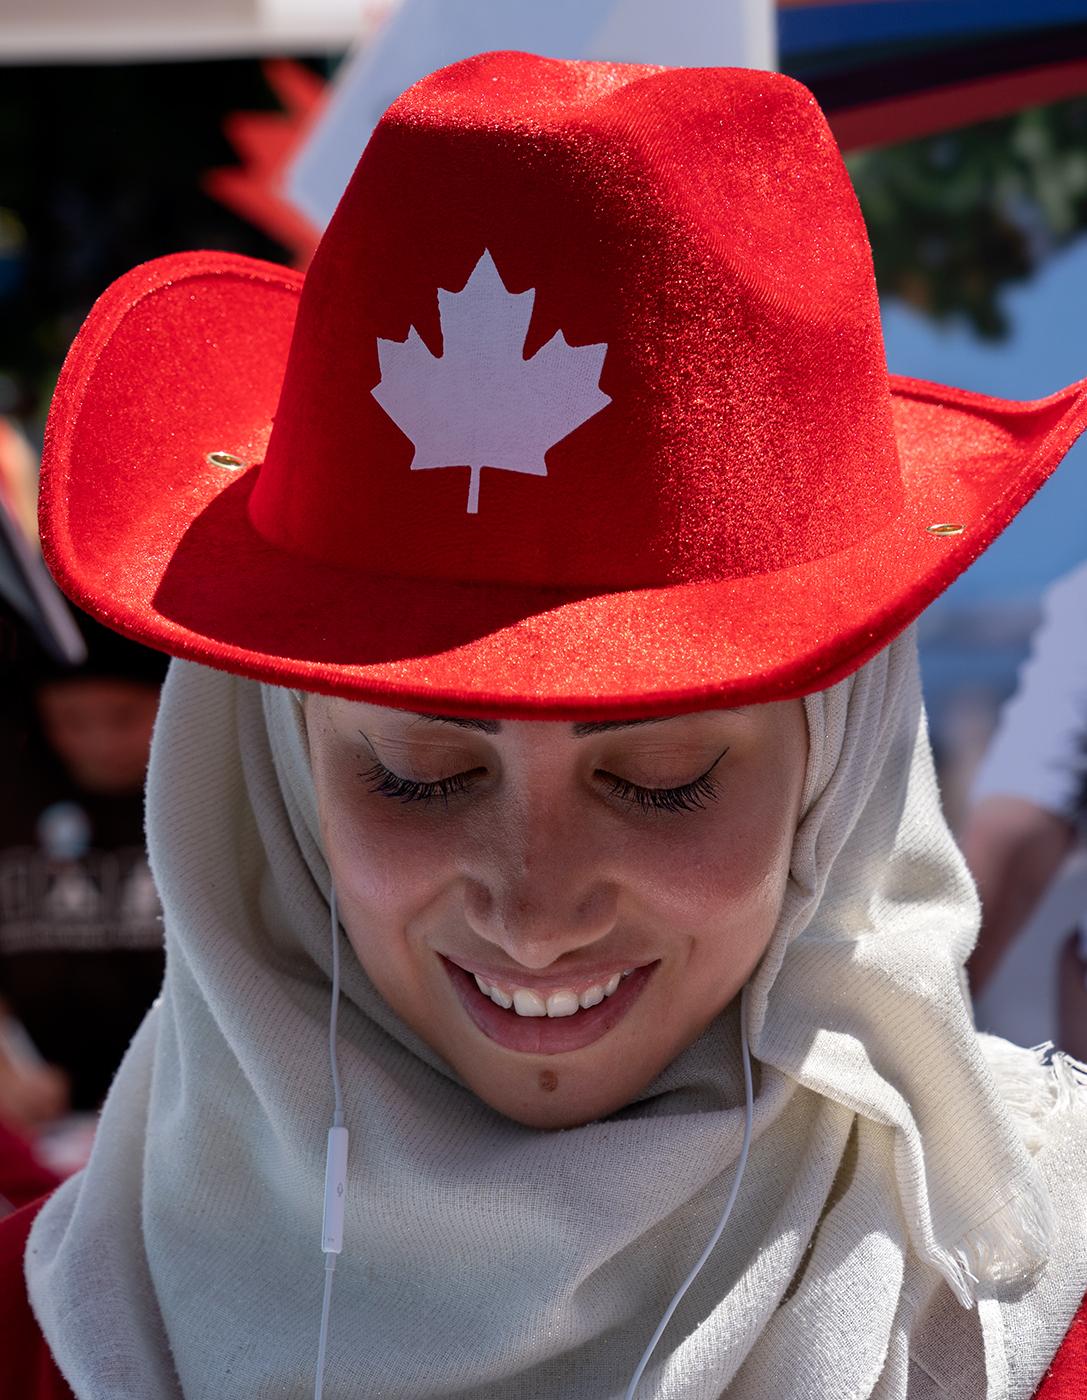 Canada Day Mutlicurture.jpg